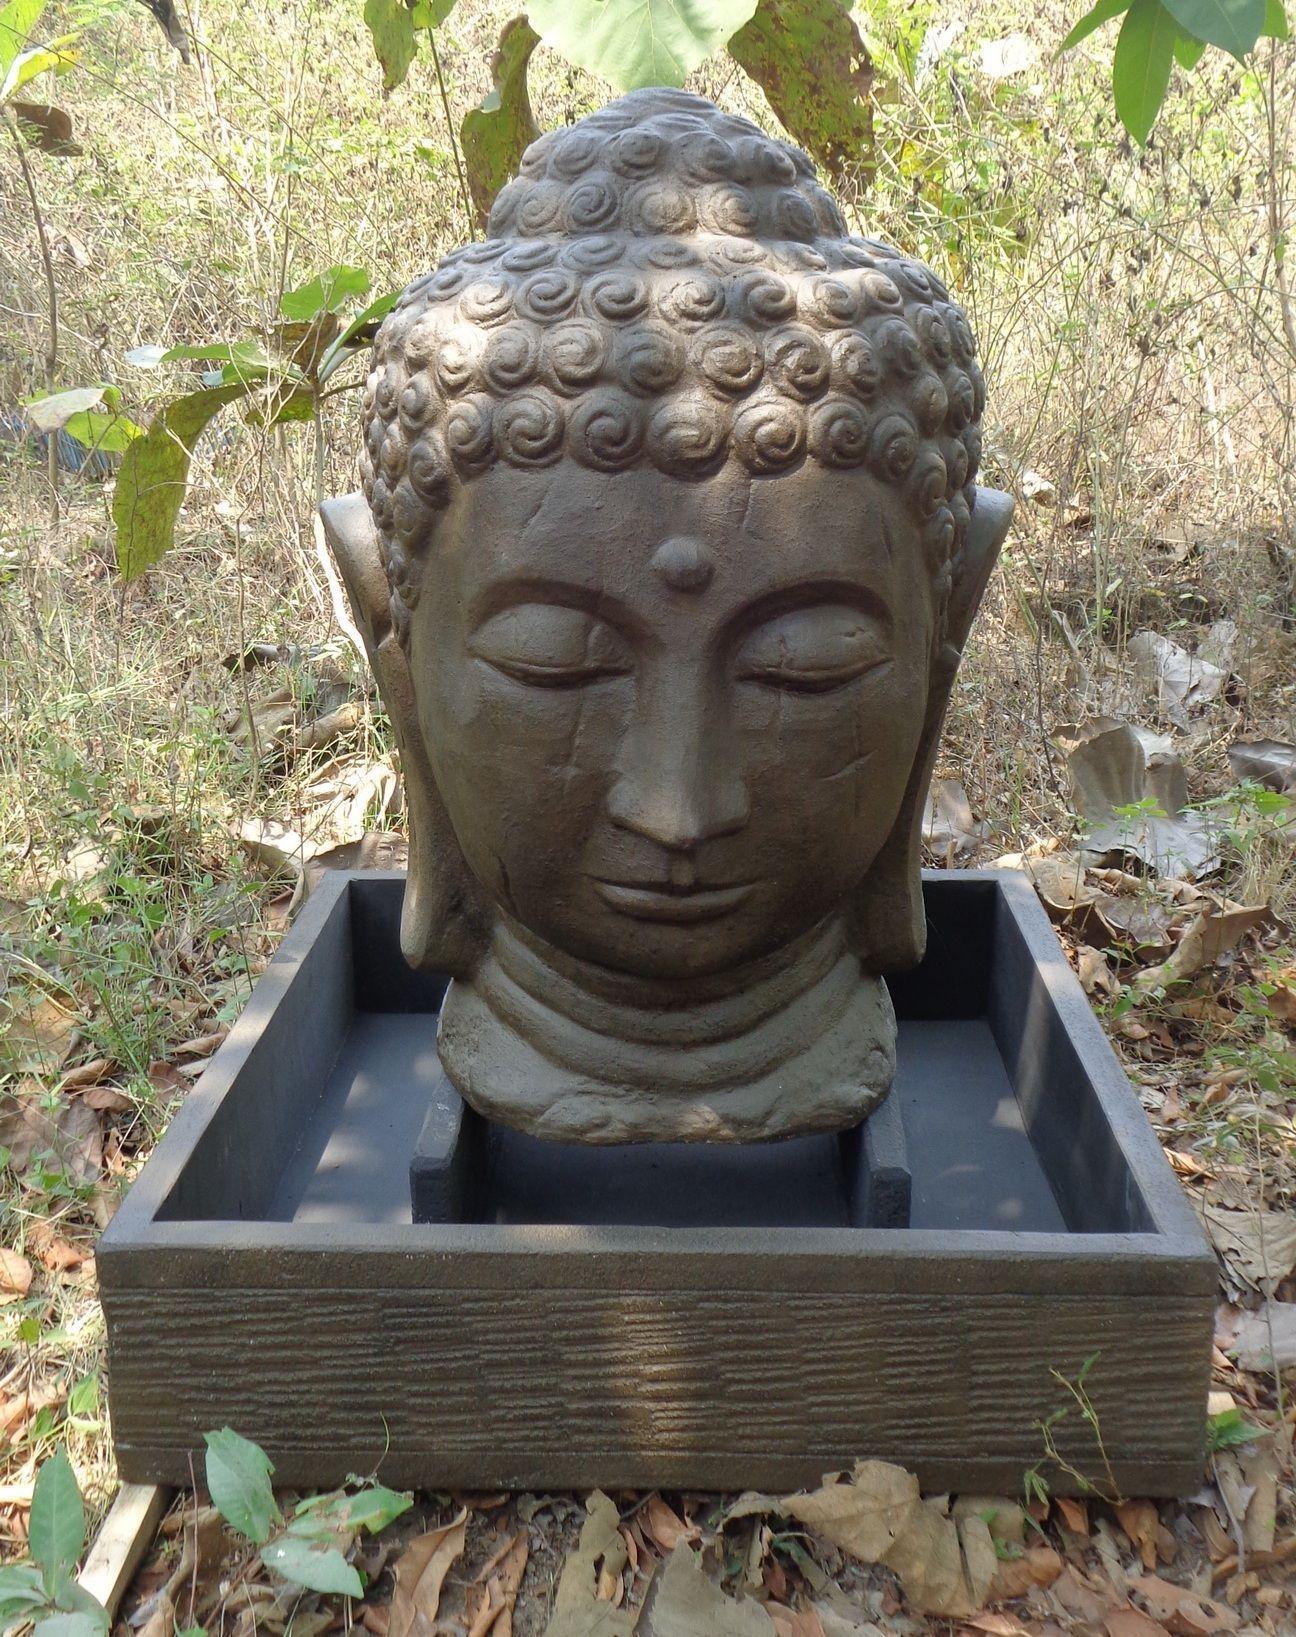 Fontaine de jardin t te de bouddha 1 m 30 brun for Fontaine pour jardin zen